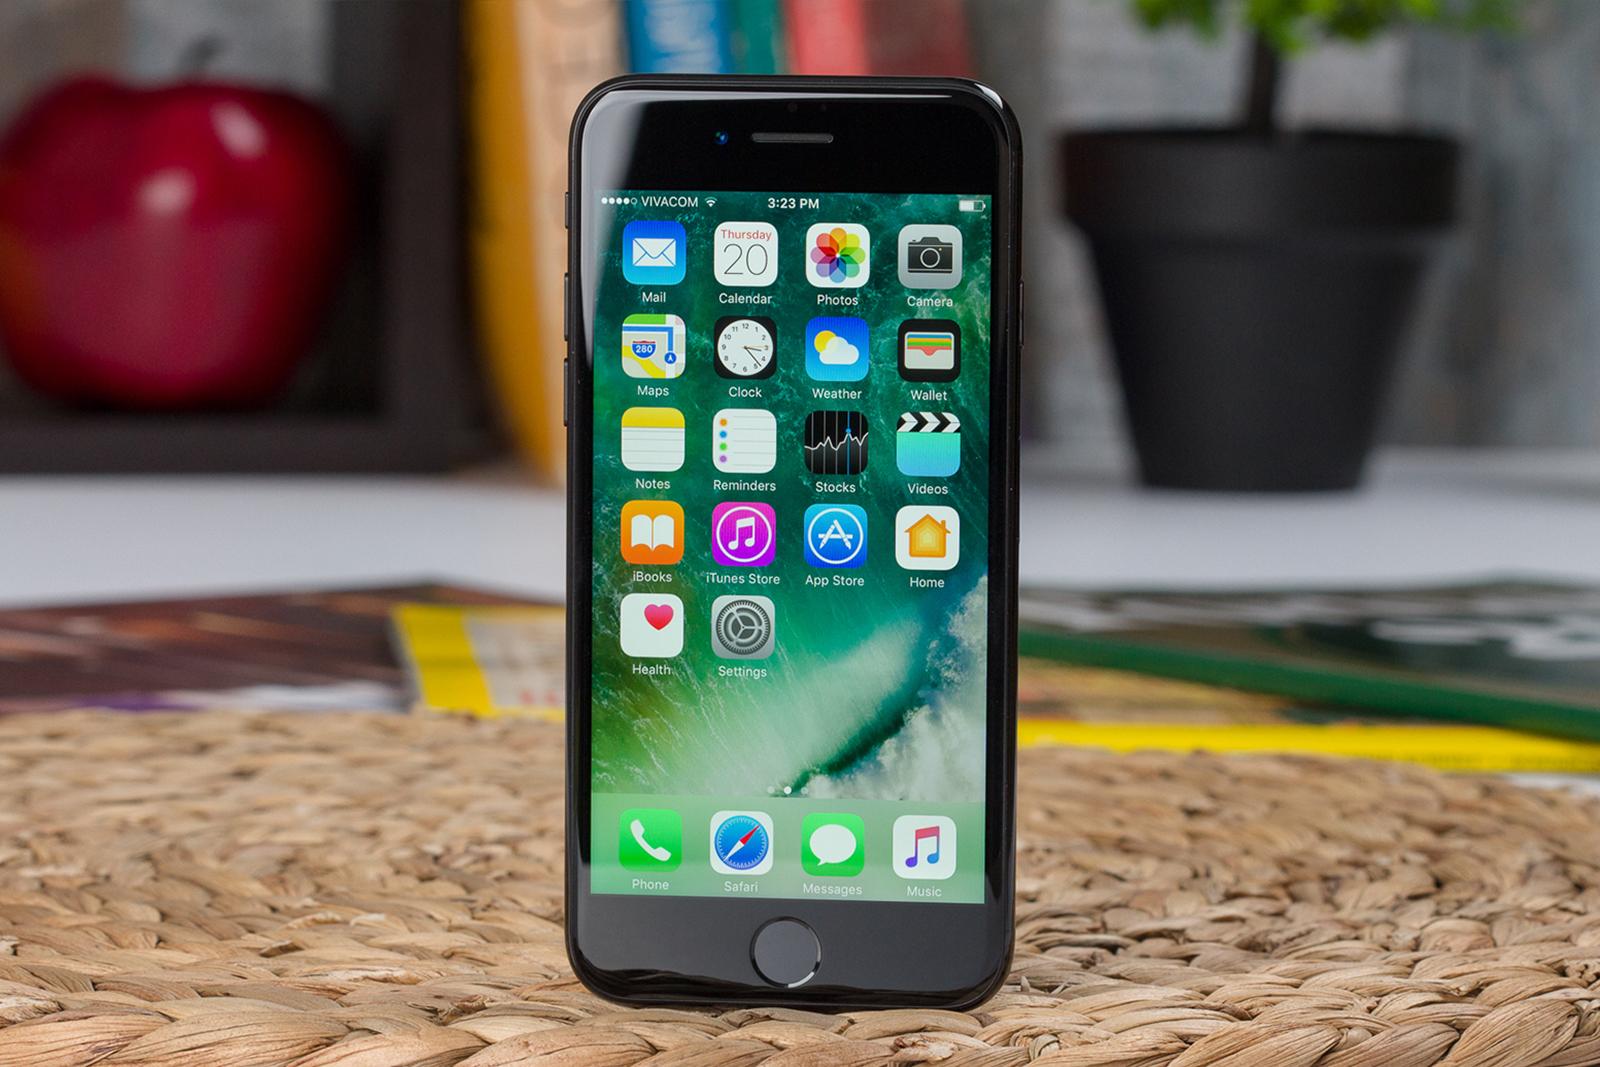 Впервые в Украине iPhone SE реализуется по контракту - скидка составит 3 000 гривен